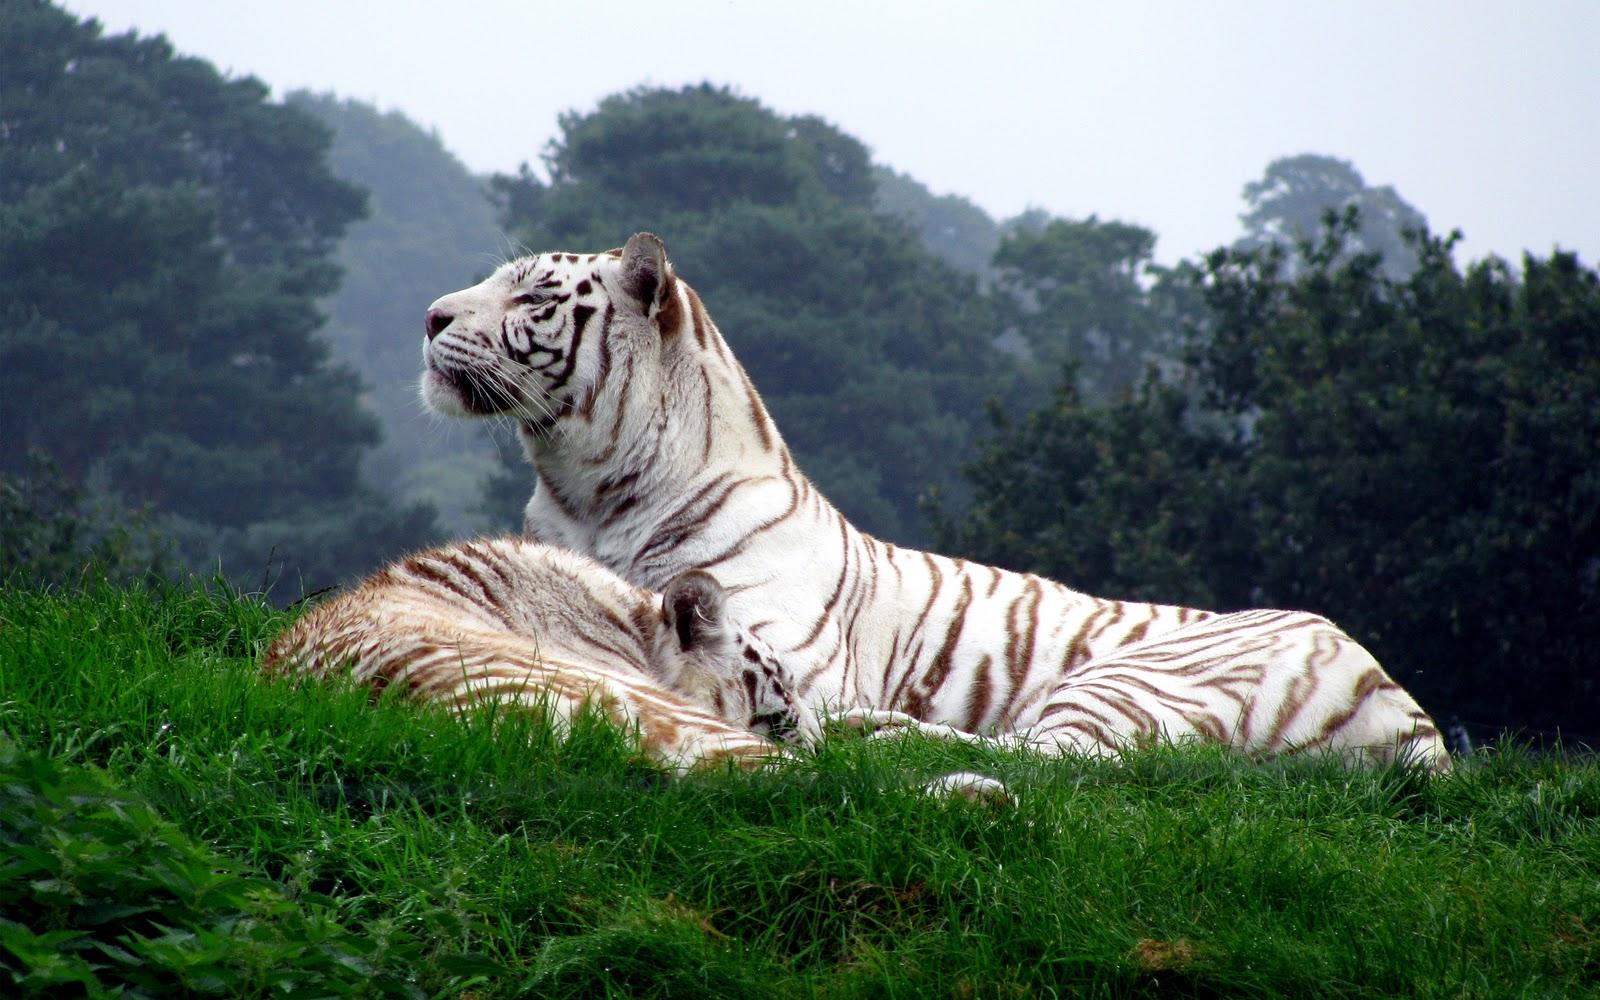 Fantasy Tiger Hd Desktop Wallpapers Widescreen High: Fondos De Tigres, Imágenes De Tigres, Fotos Y Wallpapers En HD